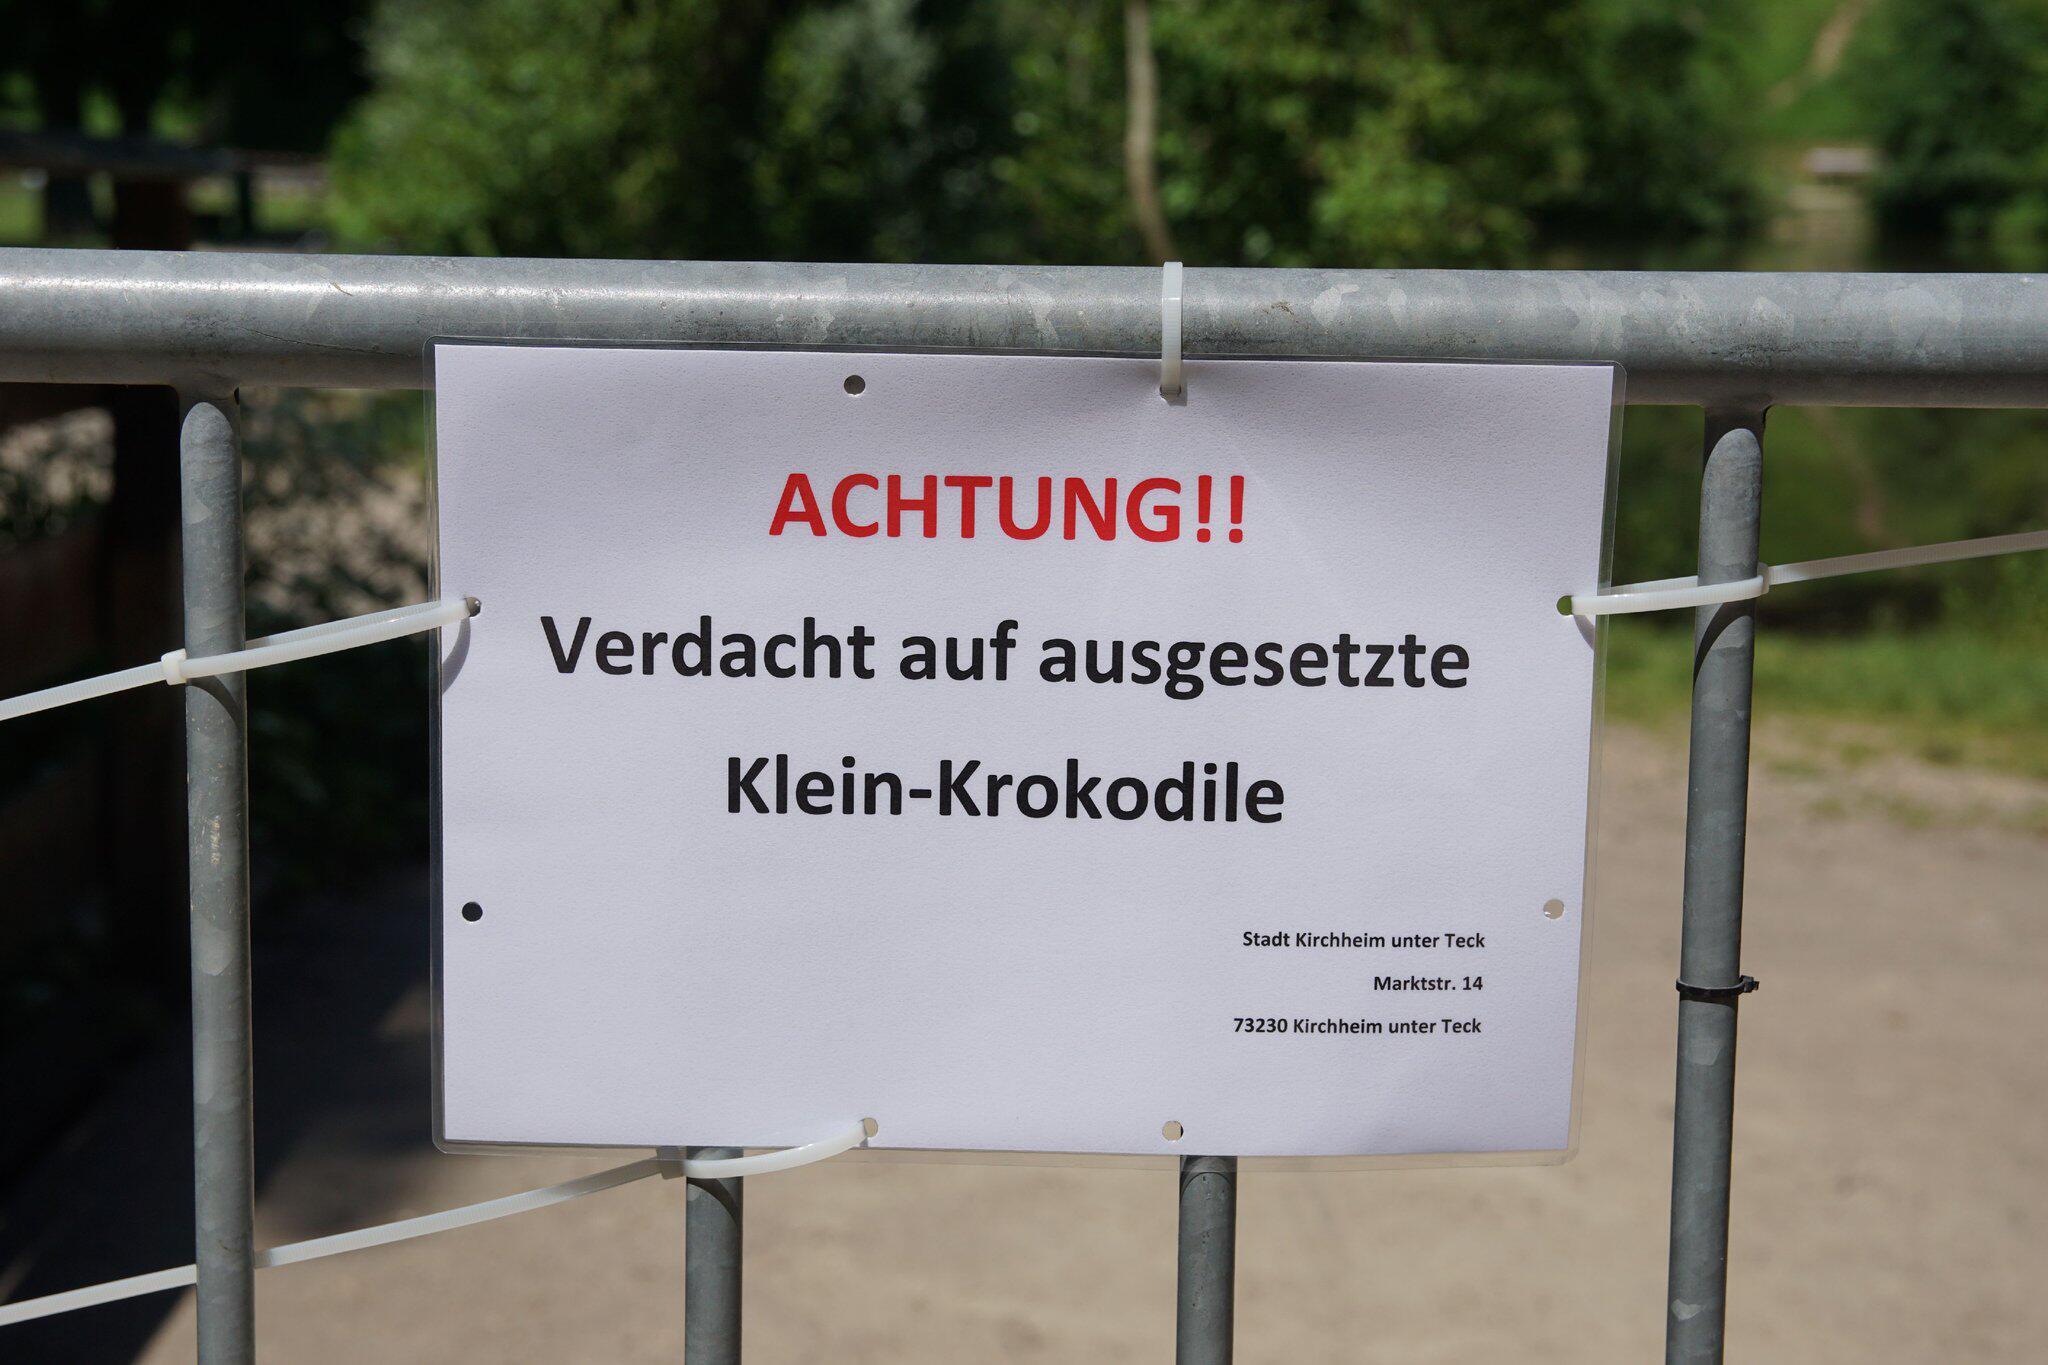 Bild zu Seen wegen ausgesetzter Klein-Krokodile abgesperrt